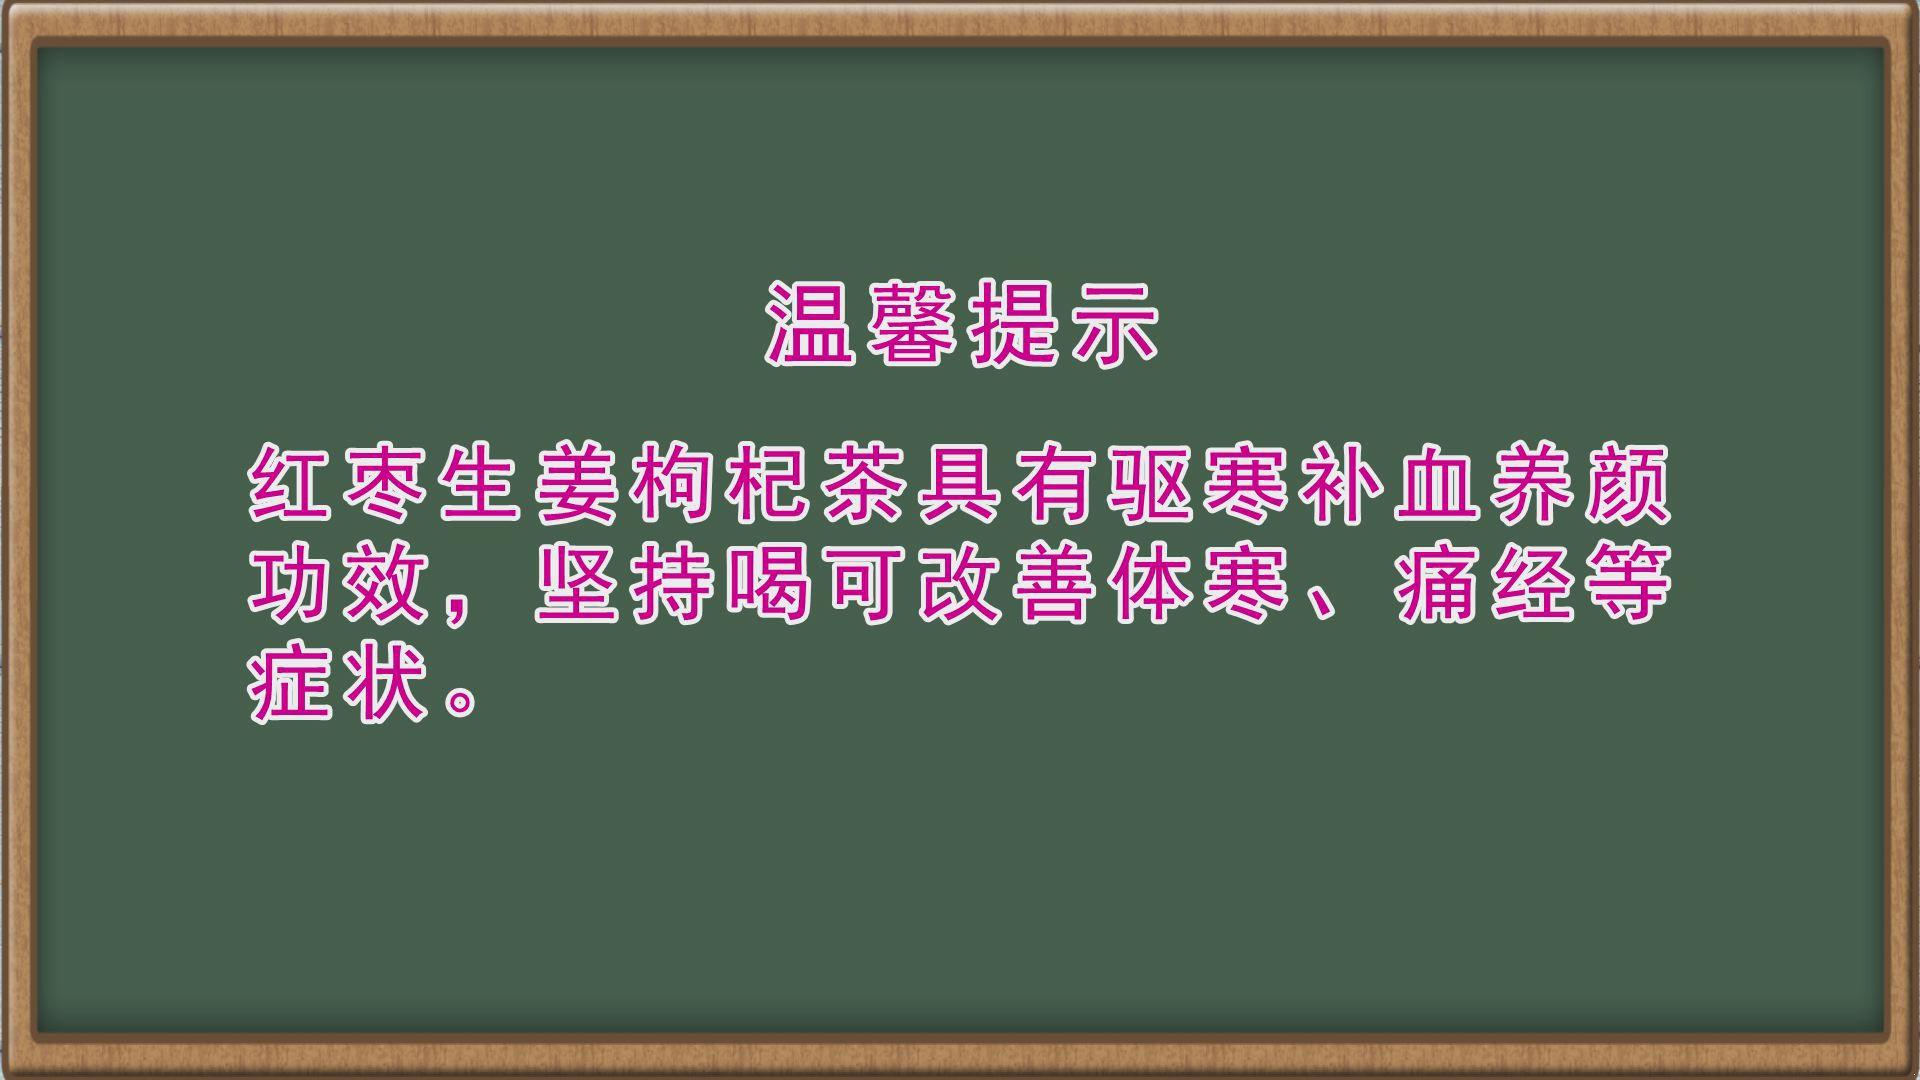 枸杞泡菜盐水茶补血养颜又驱寒雪里蕻红枣生姜图片